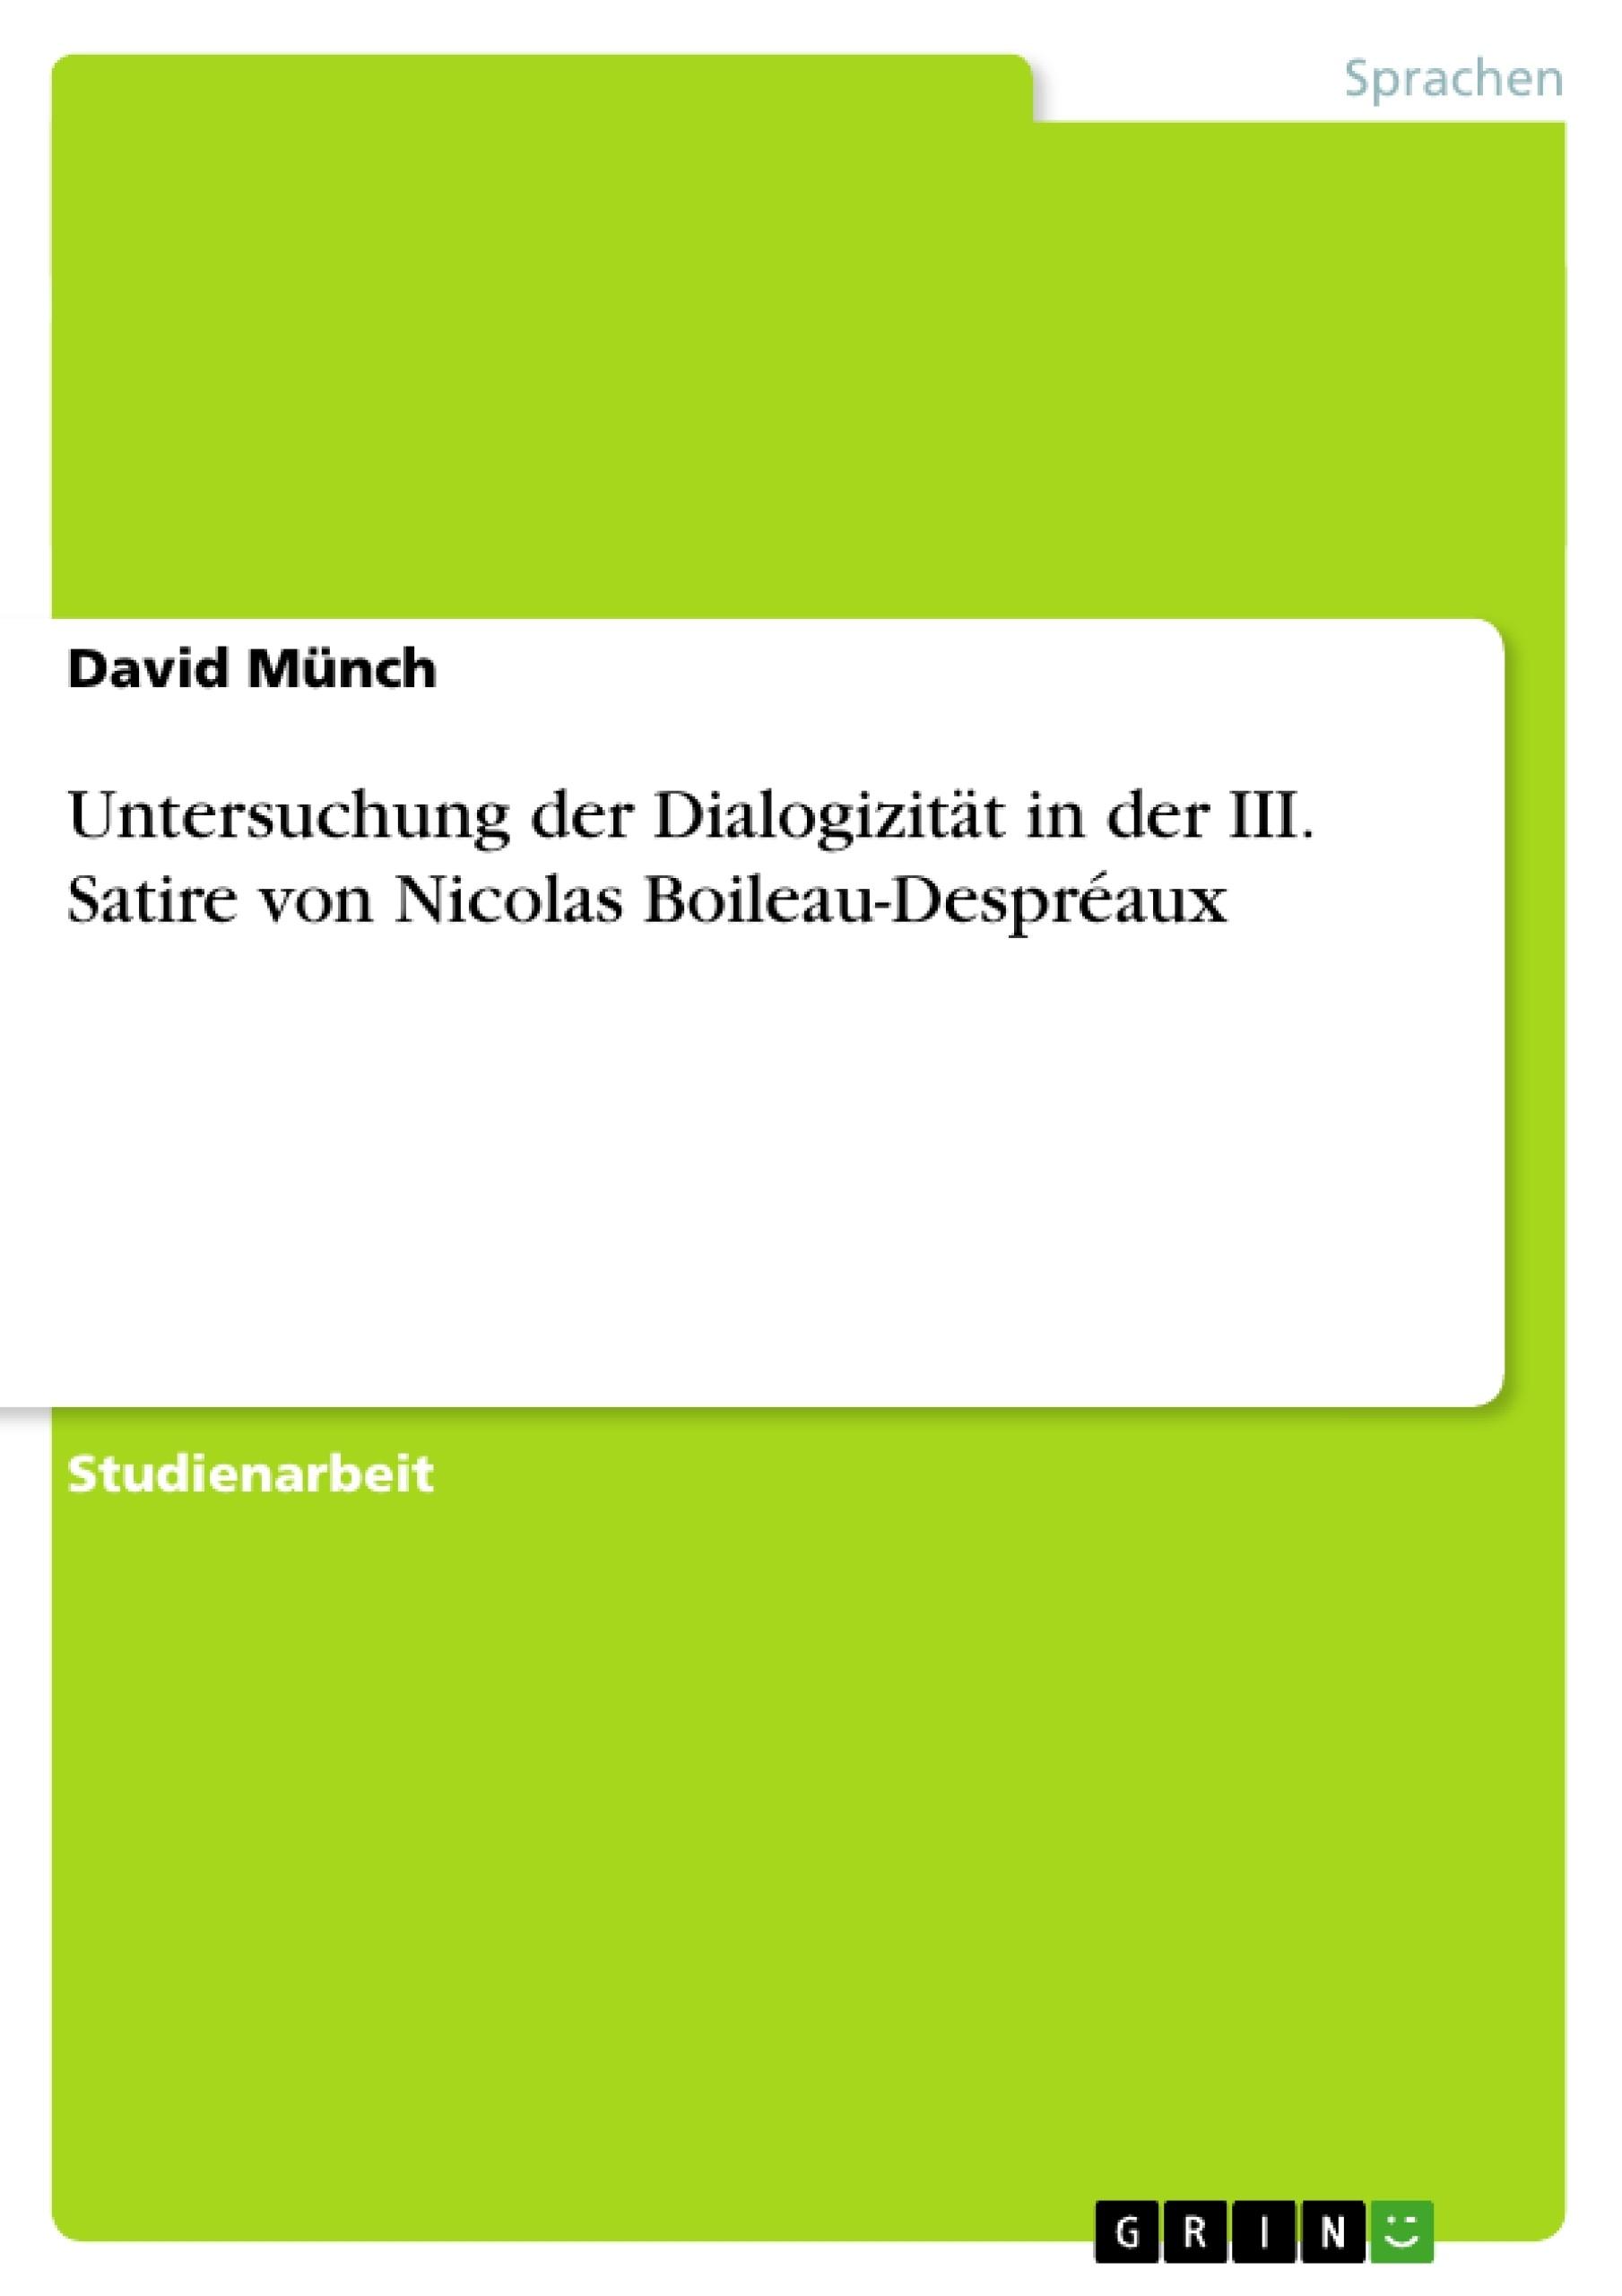 Titel: Untersuchung der Dialogizität in der III. Satire von Nicolas Boileau-Despréaux